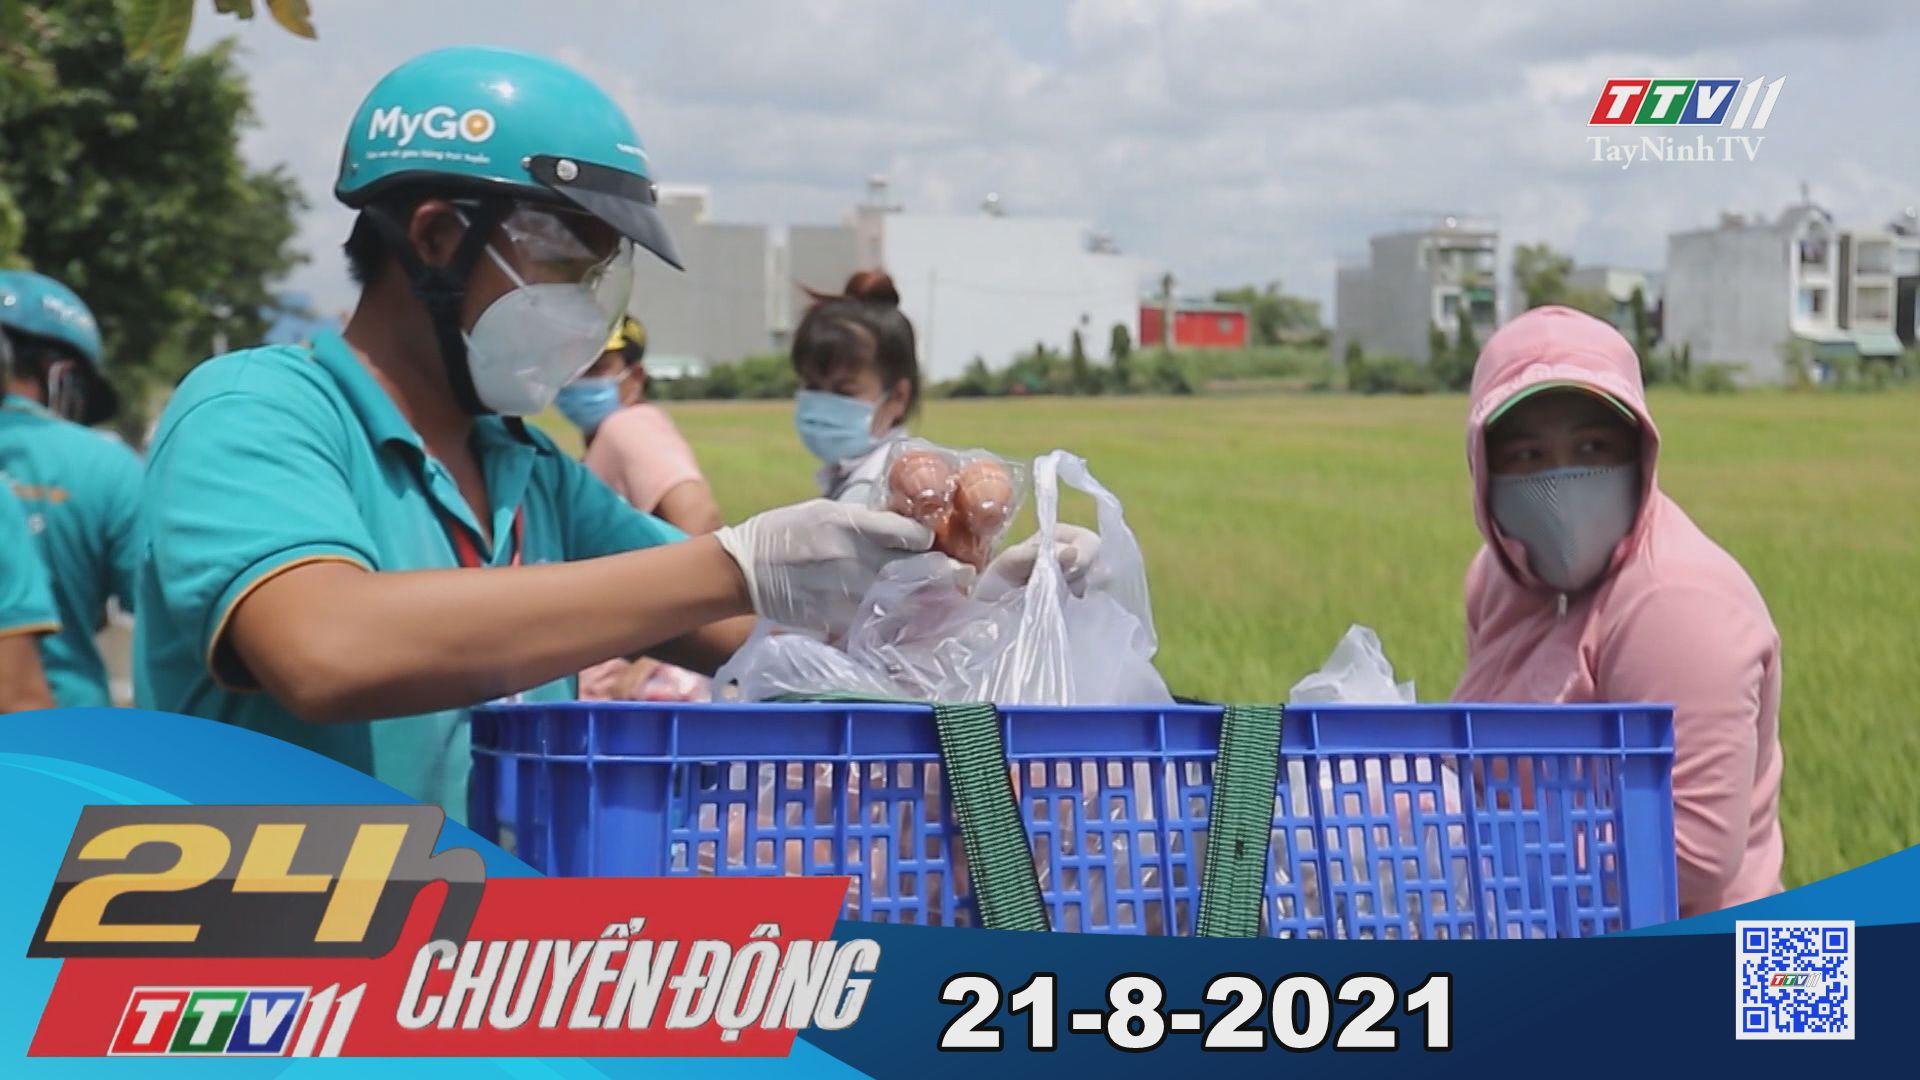 24h Chuyển động 21-8-2021 | Tin tức hôm nay | TayNinhTV